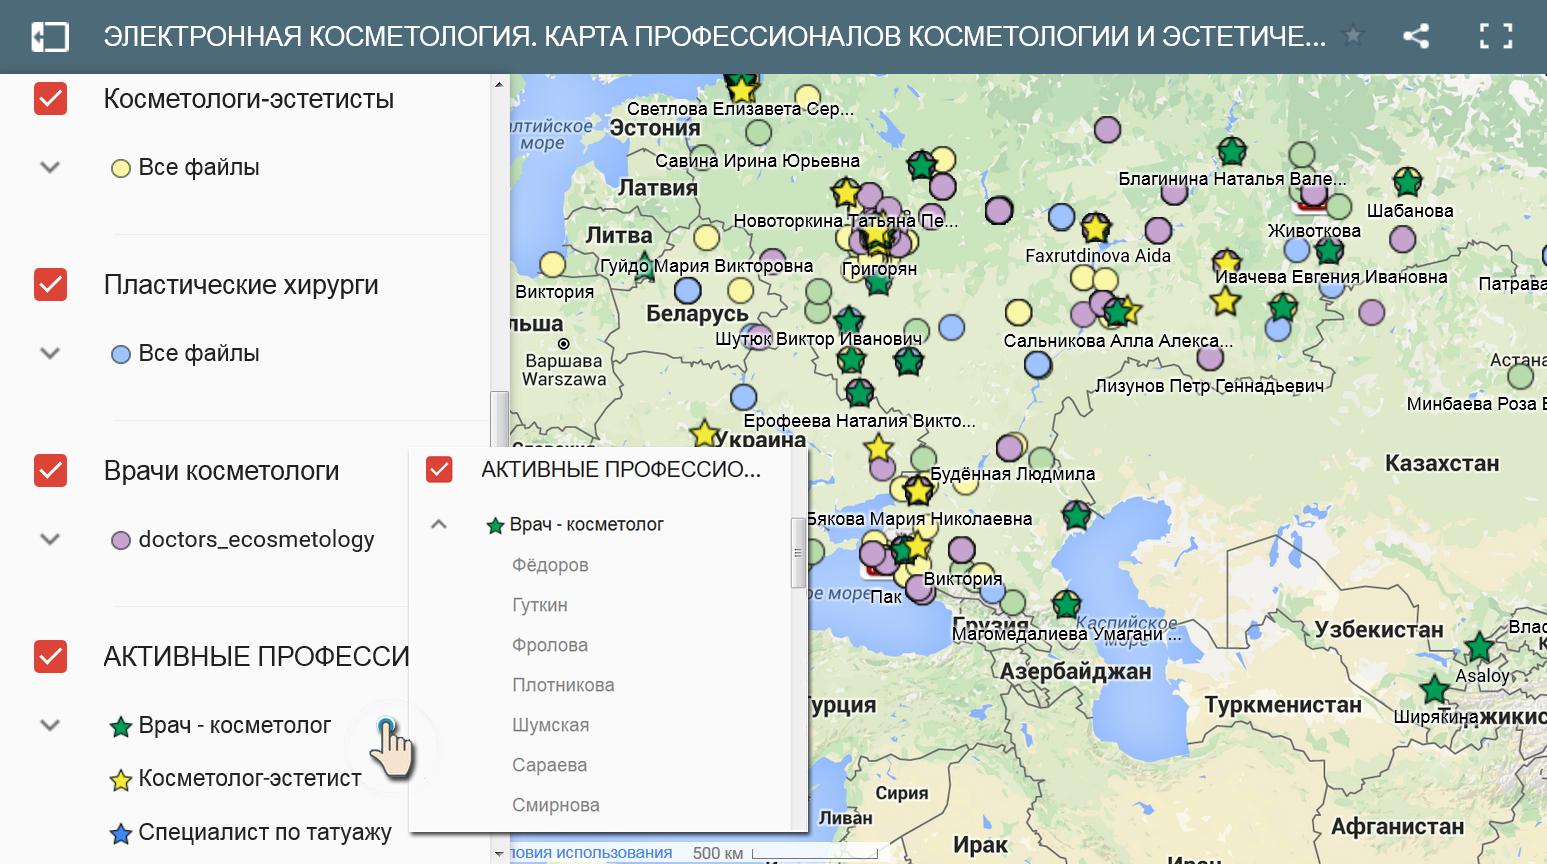 Интерактивная карта специалистов